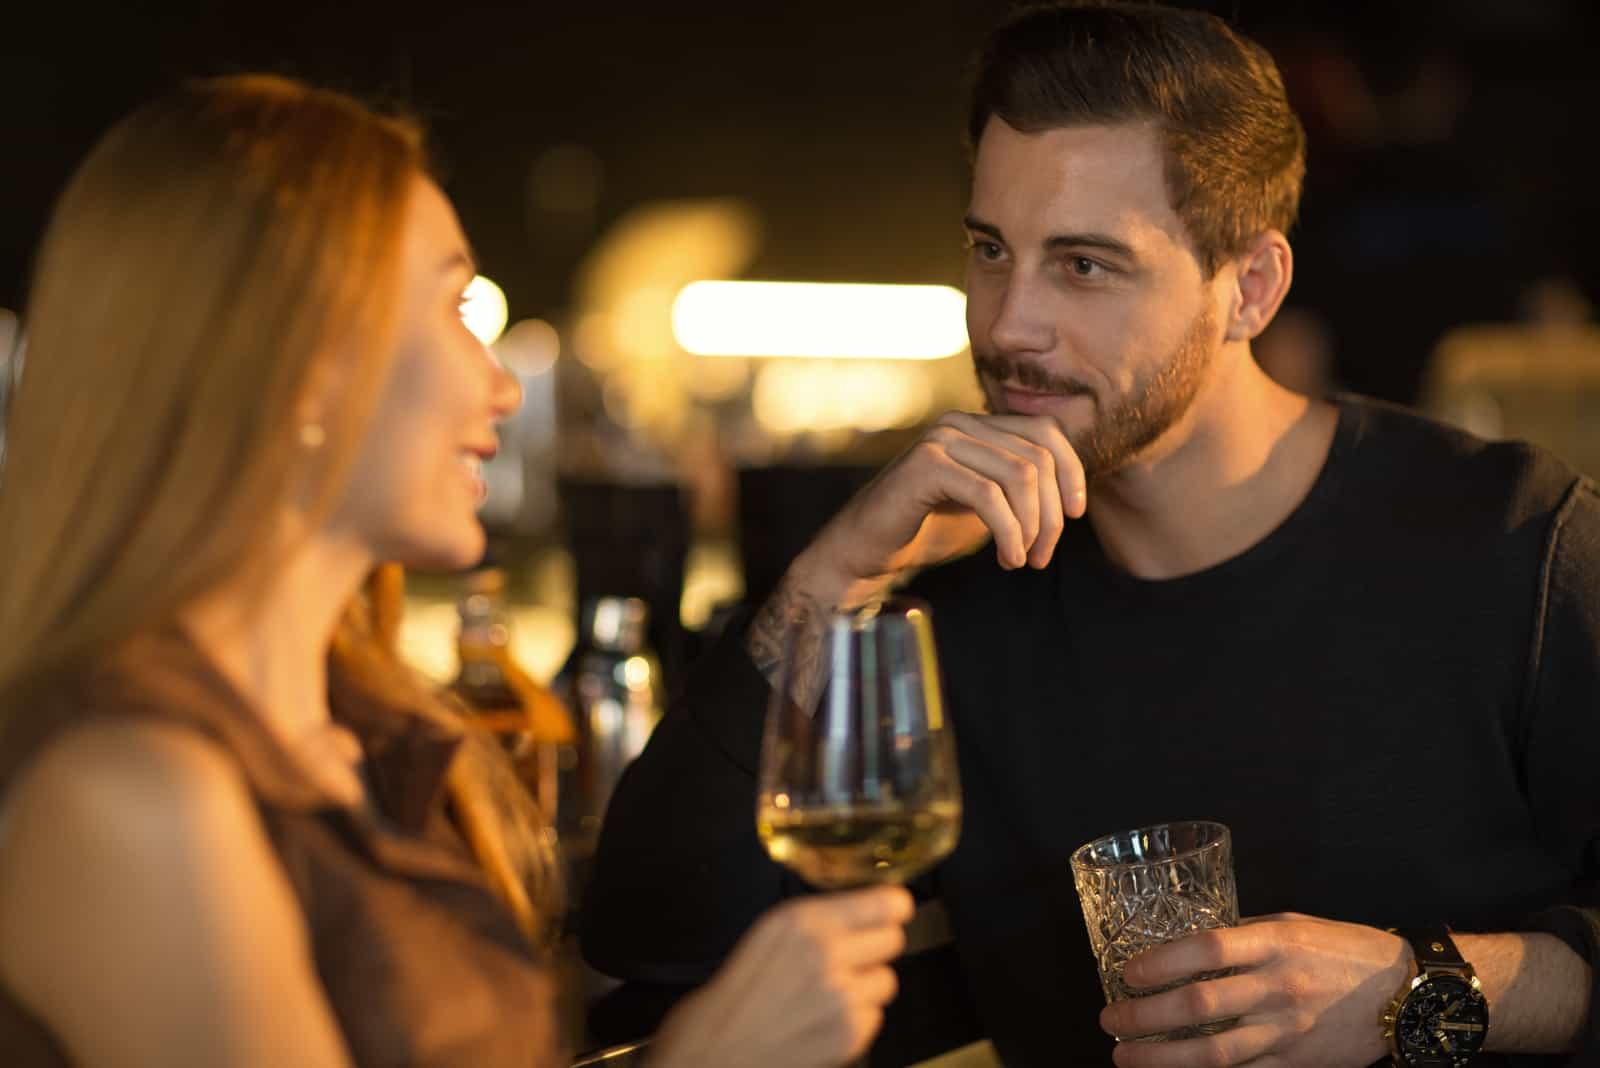 un homme et une femme boivent du vin et parlent